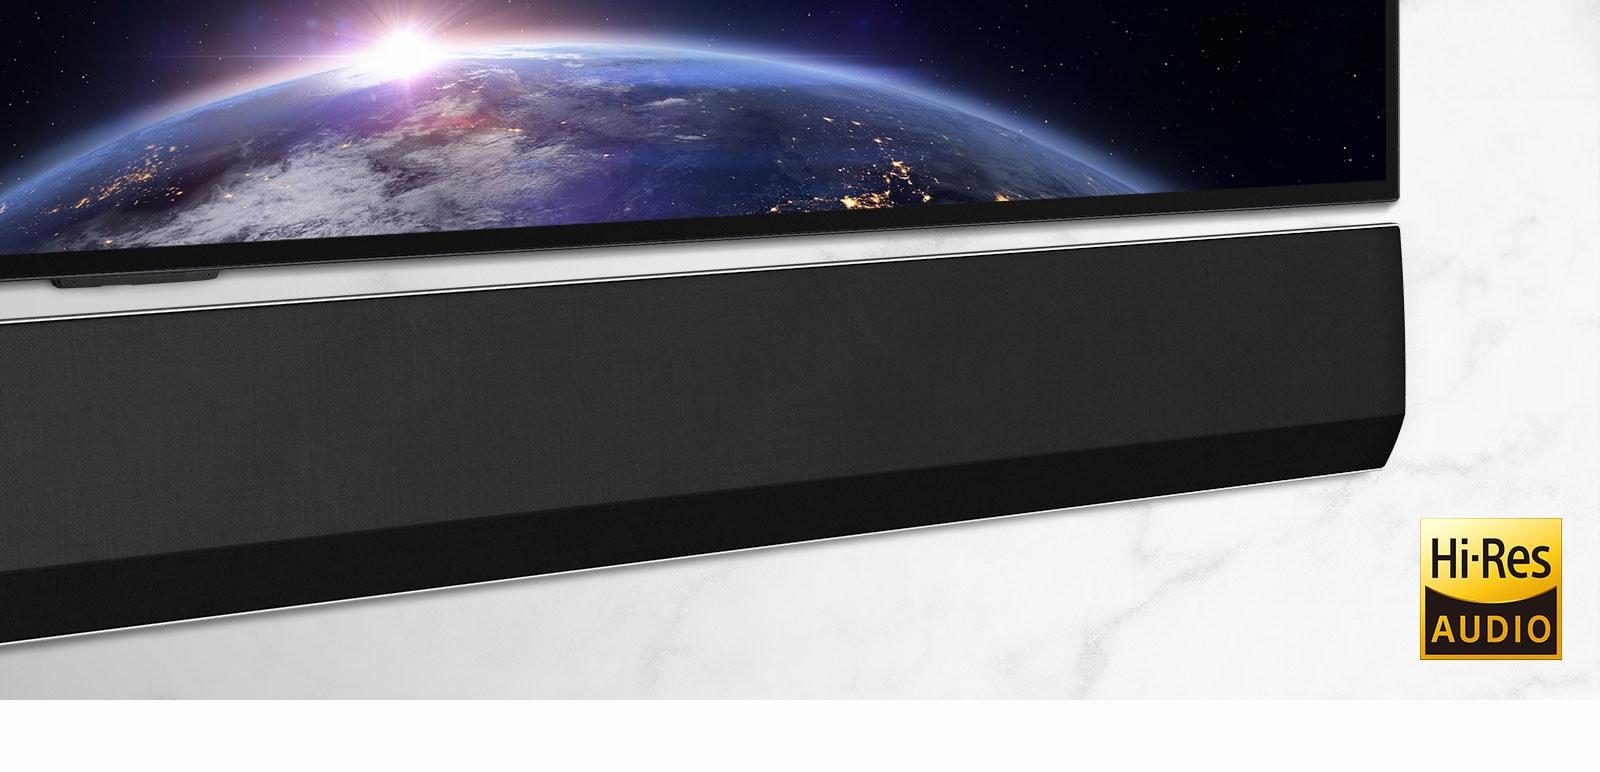 Srednji posnetek desne strani LG Soundbarja.  Televizor prikazuje podobo prostora.